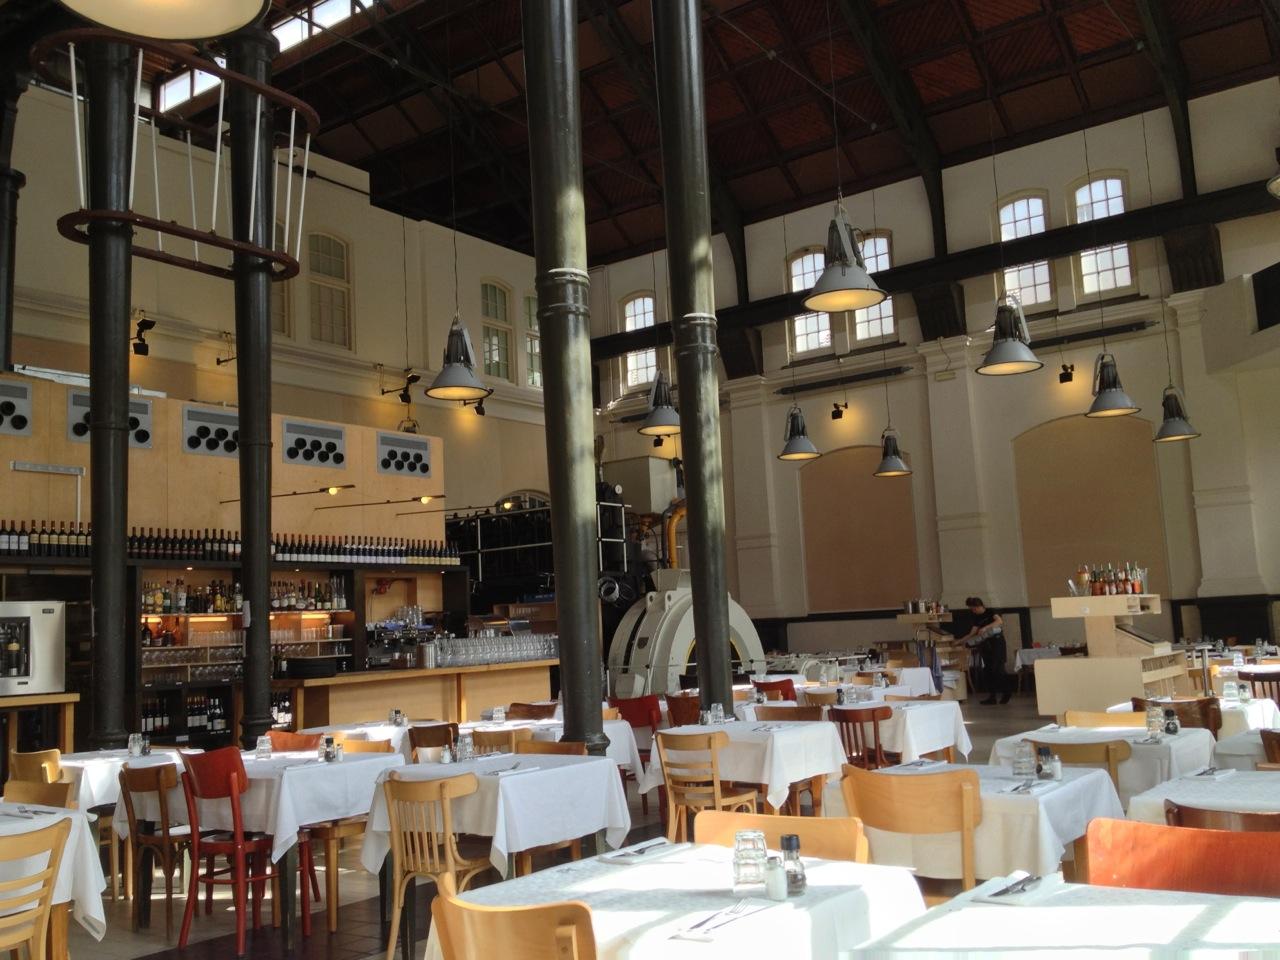 Inside Café-Restaurant Amsterdam